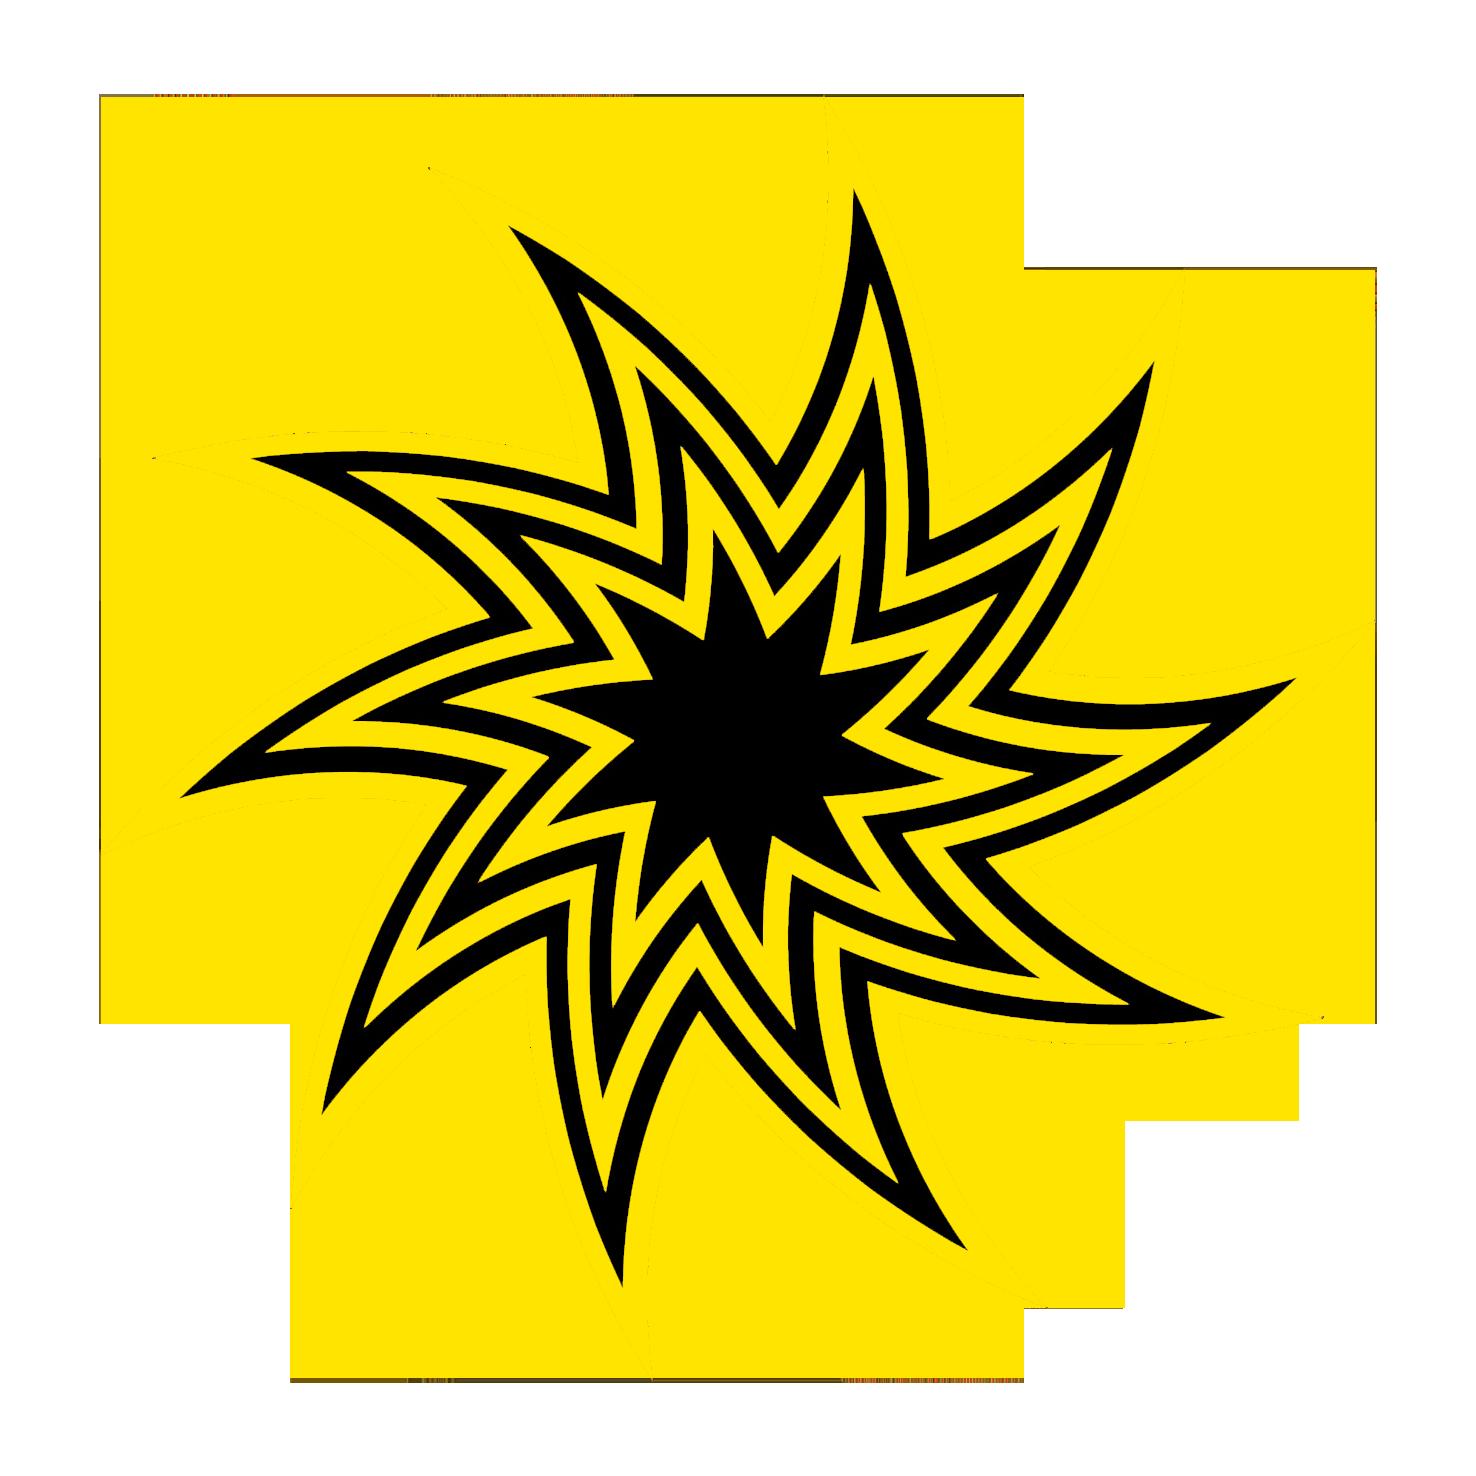 Clipart stars swirl. Star black and yellow